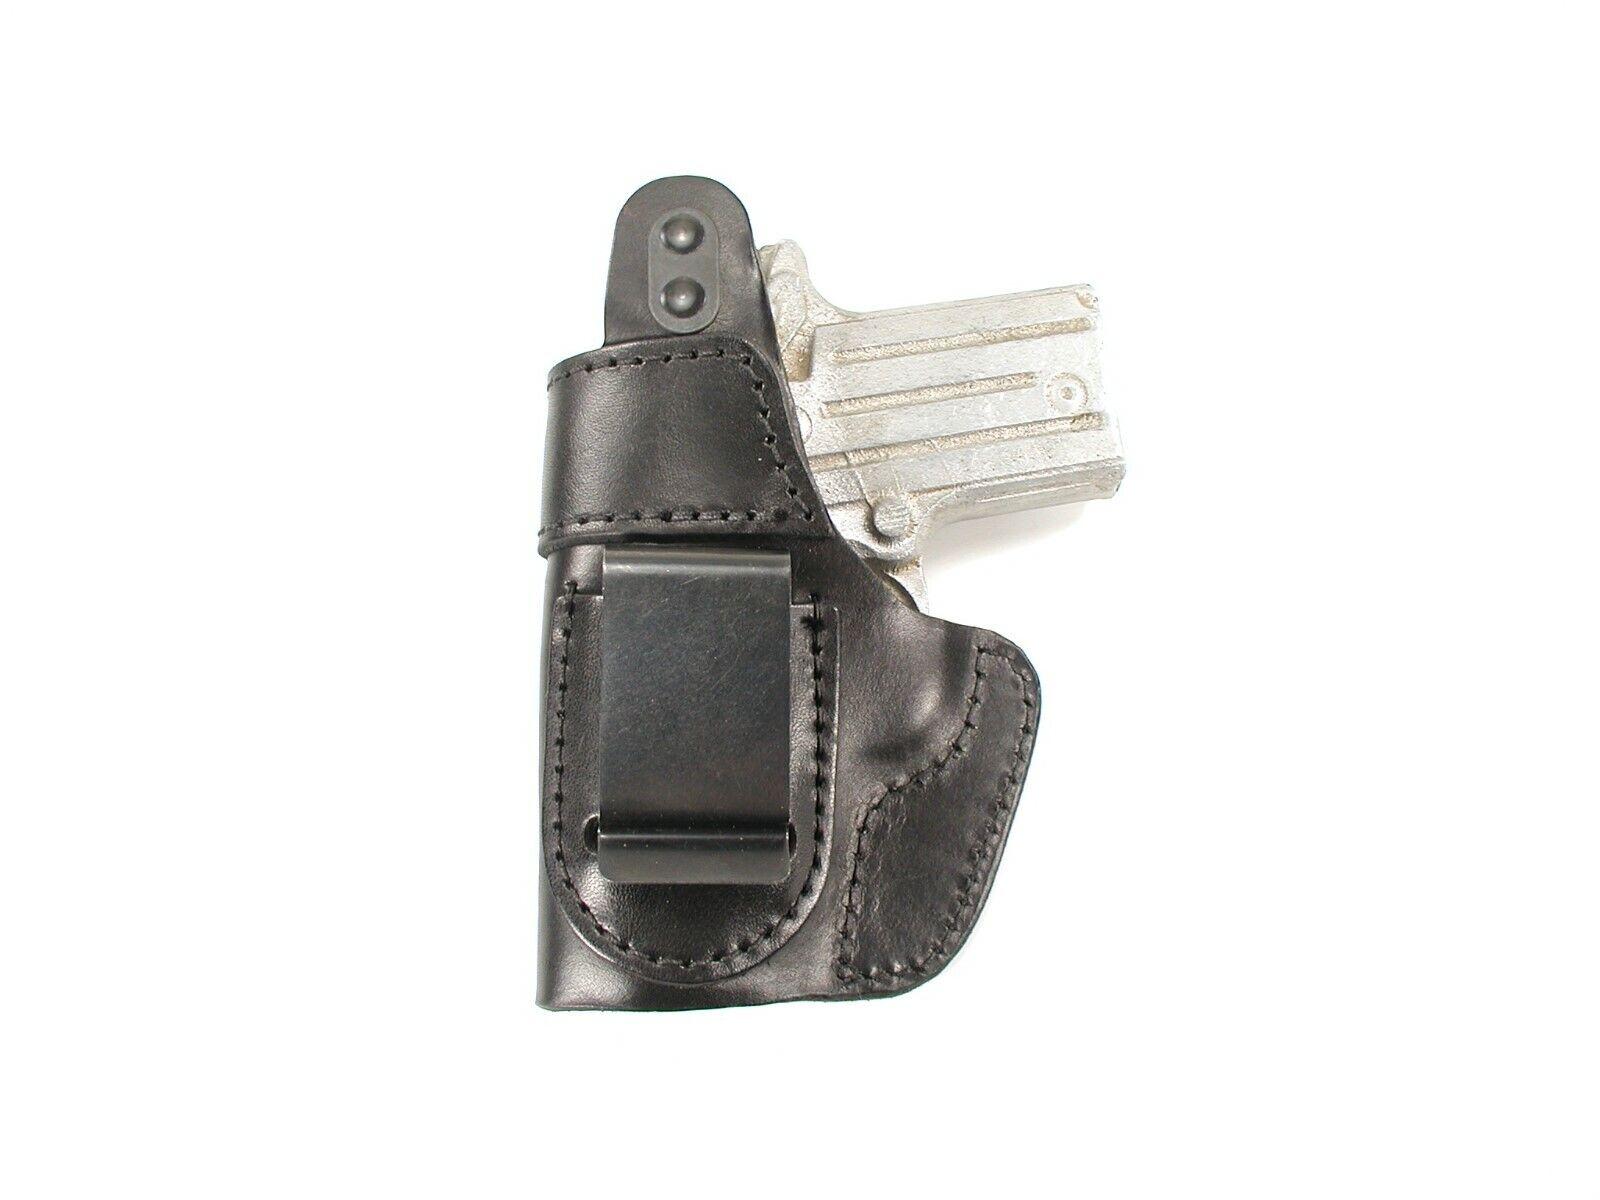 BLACK LEATHER OWB BELT SLIDE HOLSTER w// THUMB BREAK for TAURUS PT 909 940 945